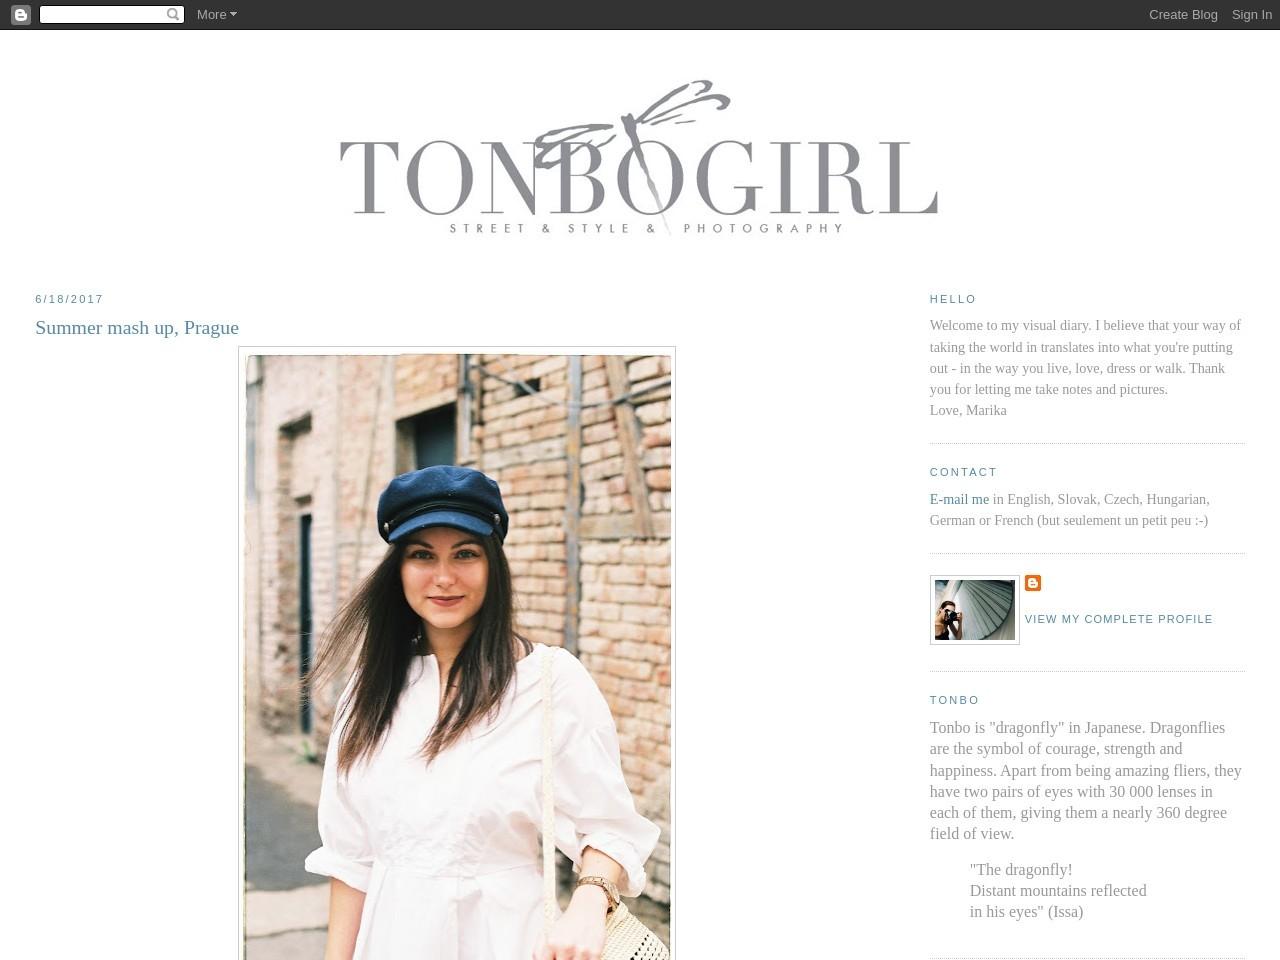 Tonbogirl